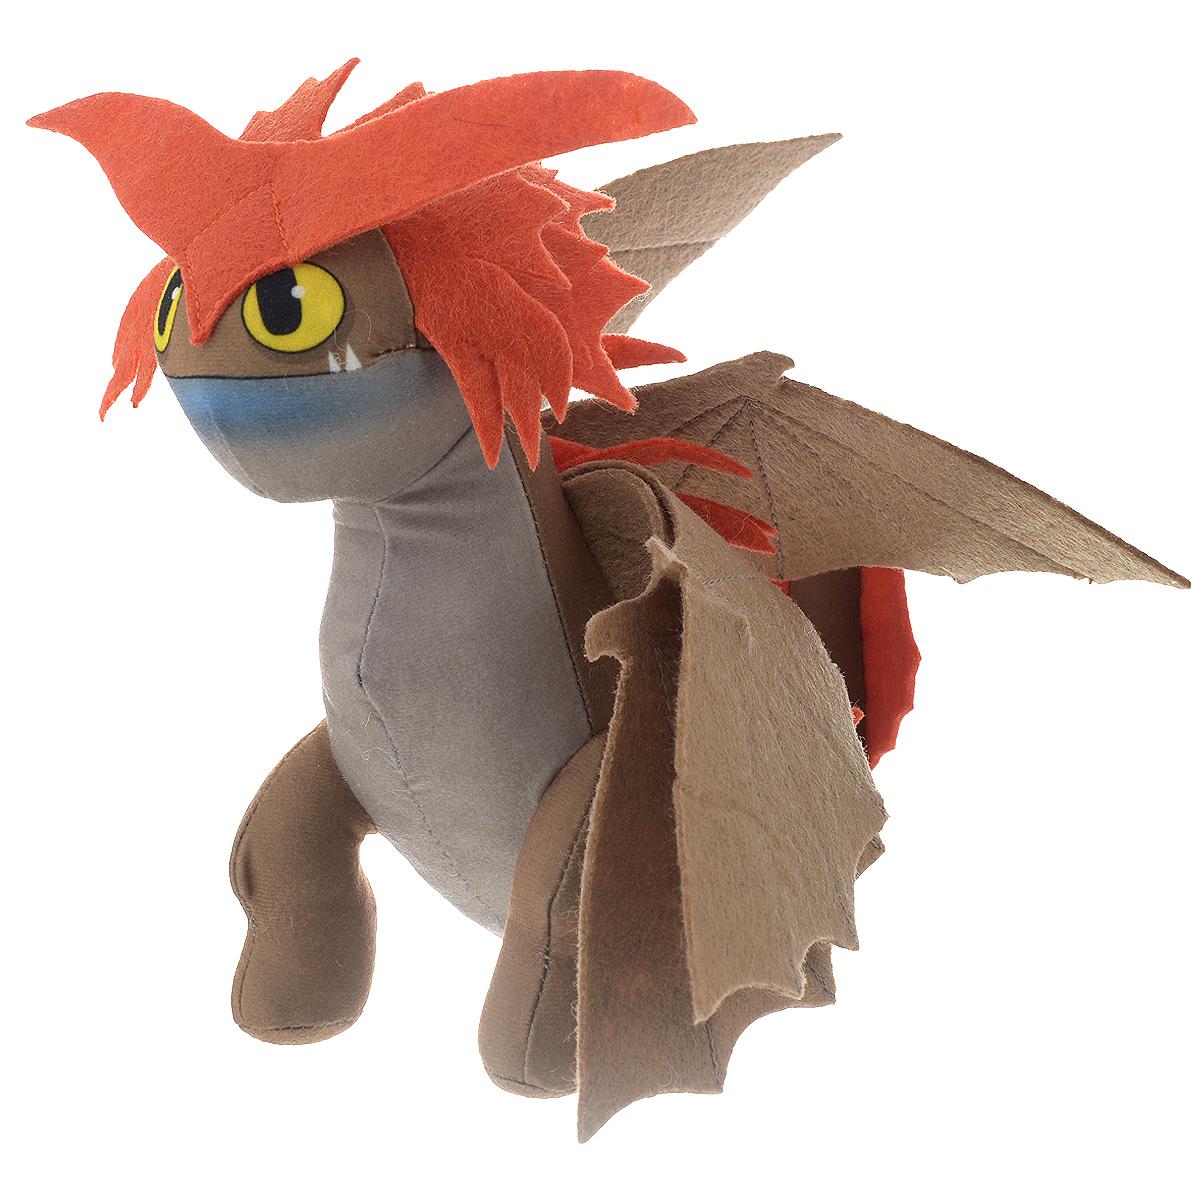 Мягкая игрушка Dragons Дракон, цвет: светло-коричневый, 20 см66572св.коричневыйМягкая плюшевая игрушка Dragons Дракон понравится любому маленькому поклоннику мультфильма Как приручить дракона. Игрушка выполнена из приятного на ощупь текстильного материала в виде коричневого дракона с большими красными шипами. У игрушки большие глазки и широкие крылья. Эта забавная игрушка принесет радость и подарит своему обладателю мгновения приятных воспоминаний. Такая игрушка станет отличным подарком вашему ребенку!